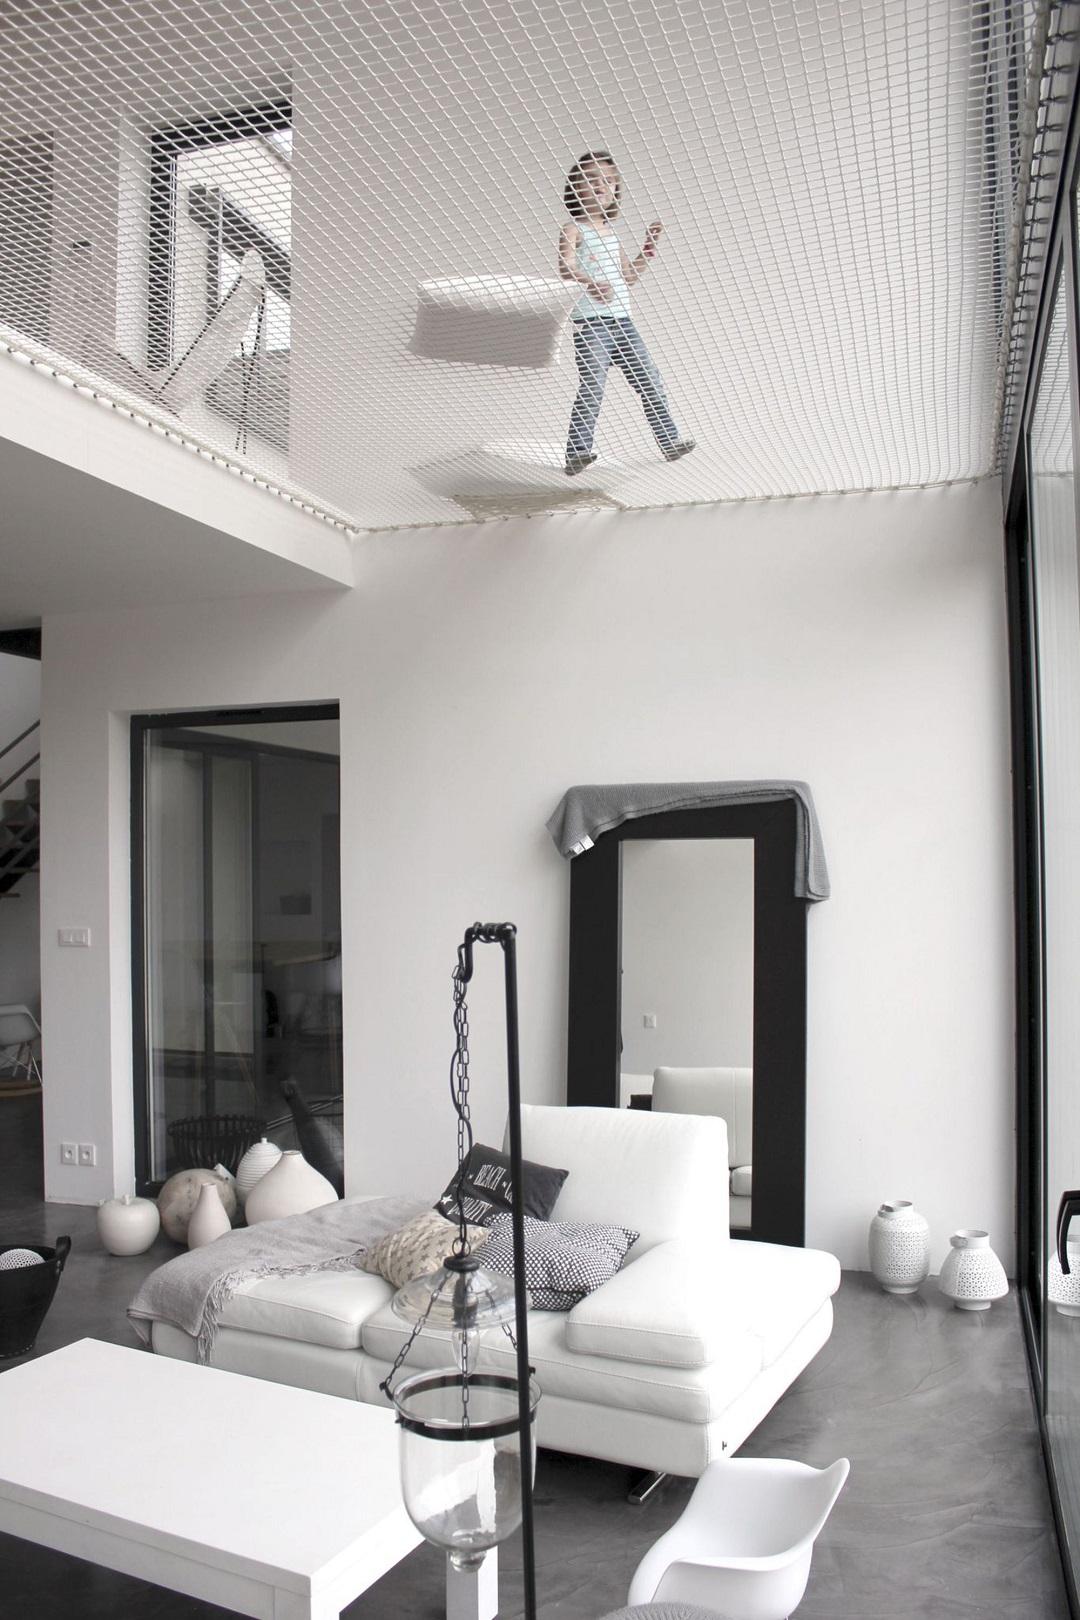 filet d 39 habitation en suspension dans la maison icone magazine. Black Bedroom Furniture Sets. Home Design Ideas